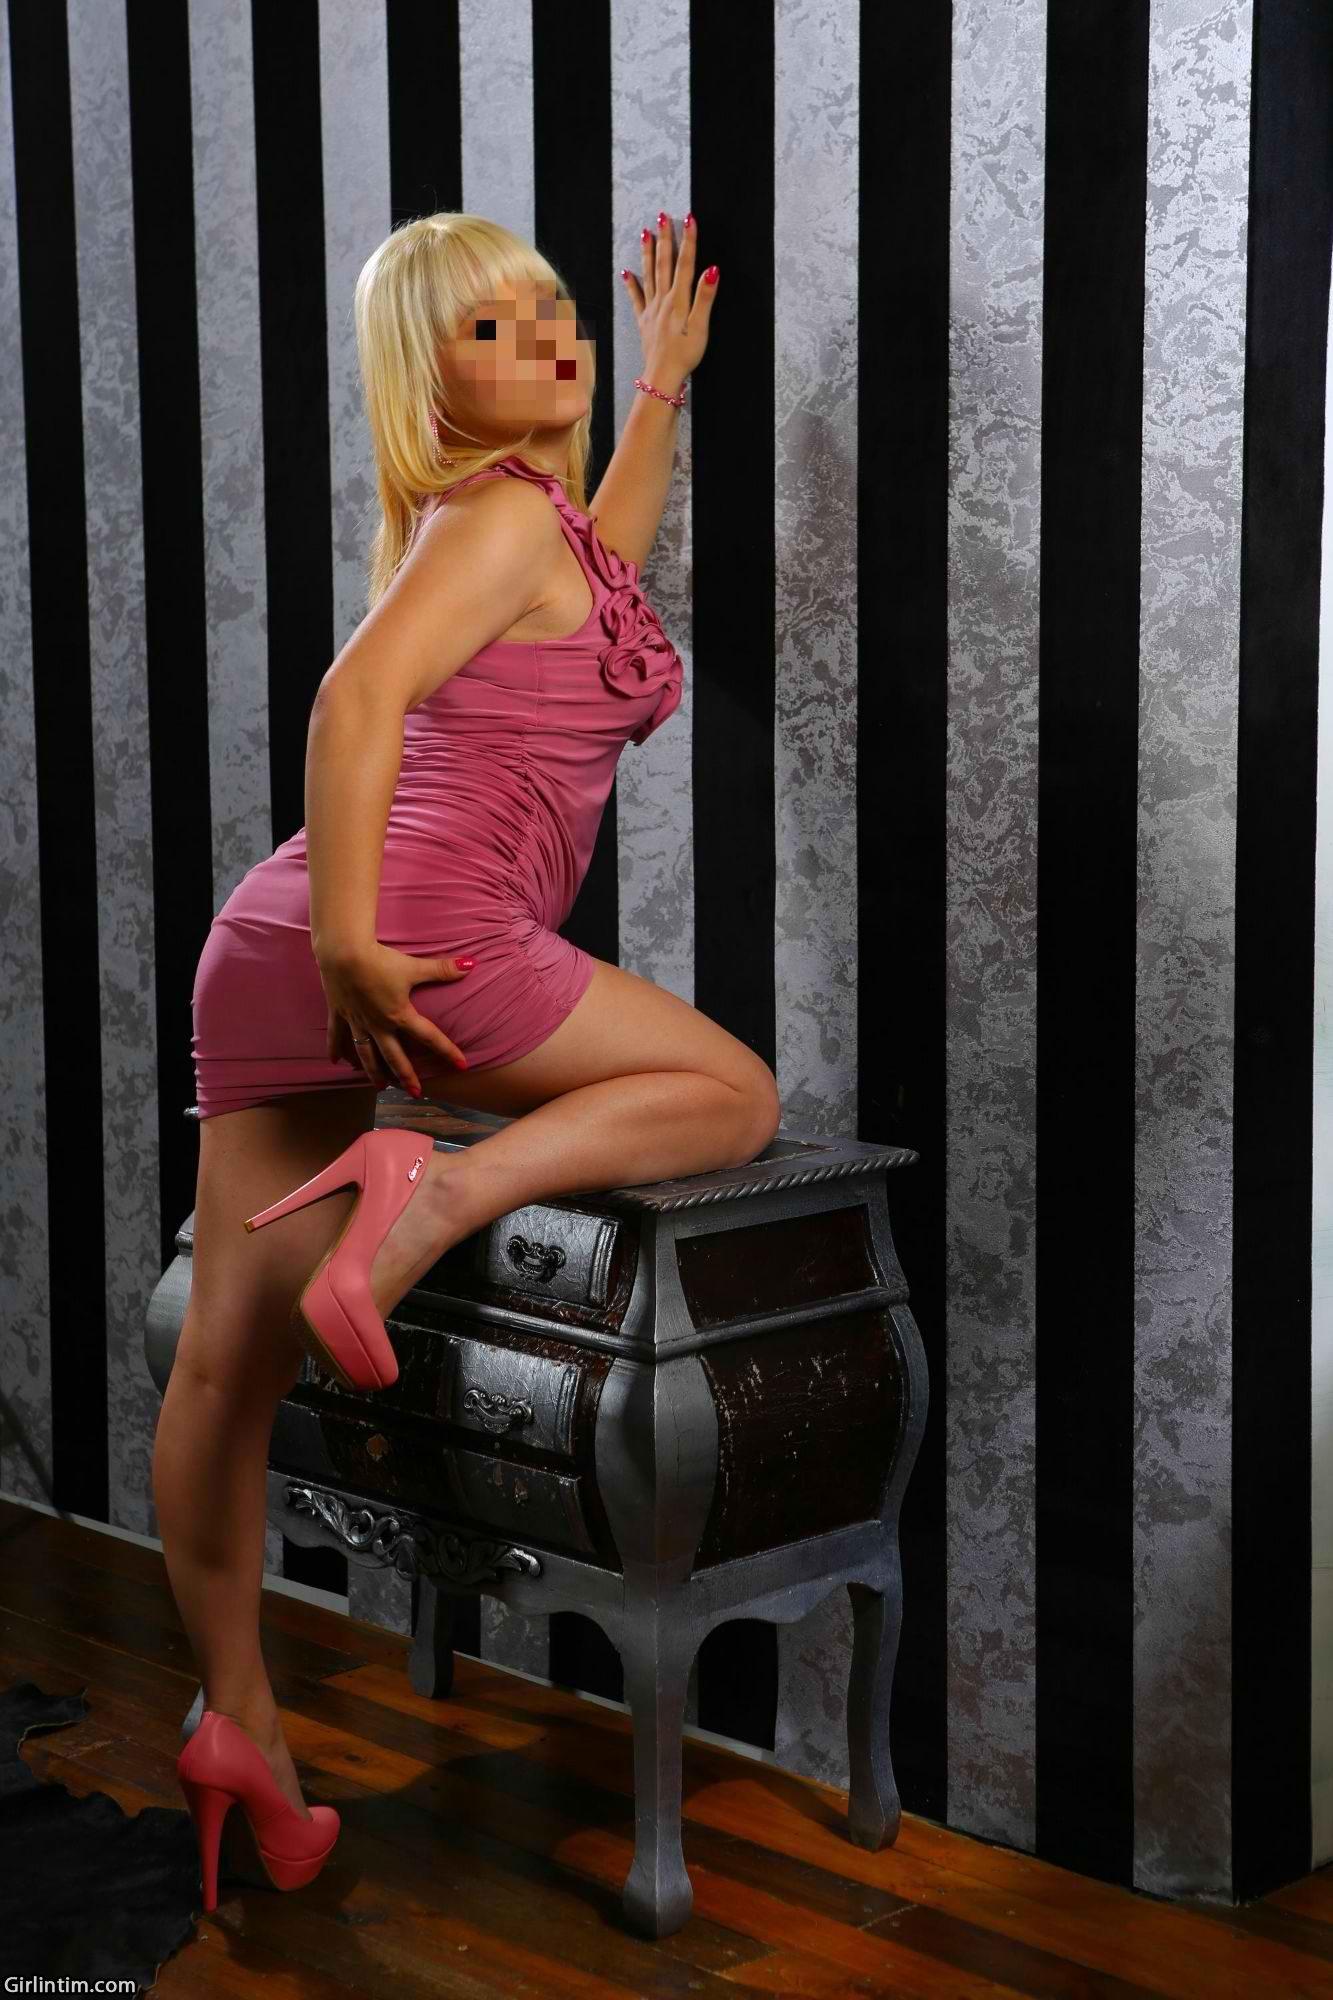 Секс досуг индивидуалки восточные девушки москва 11 фотография